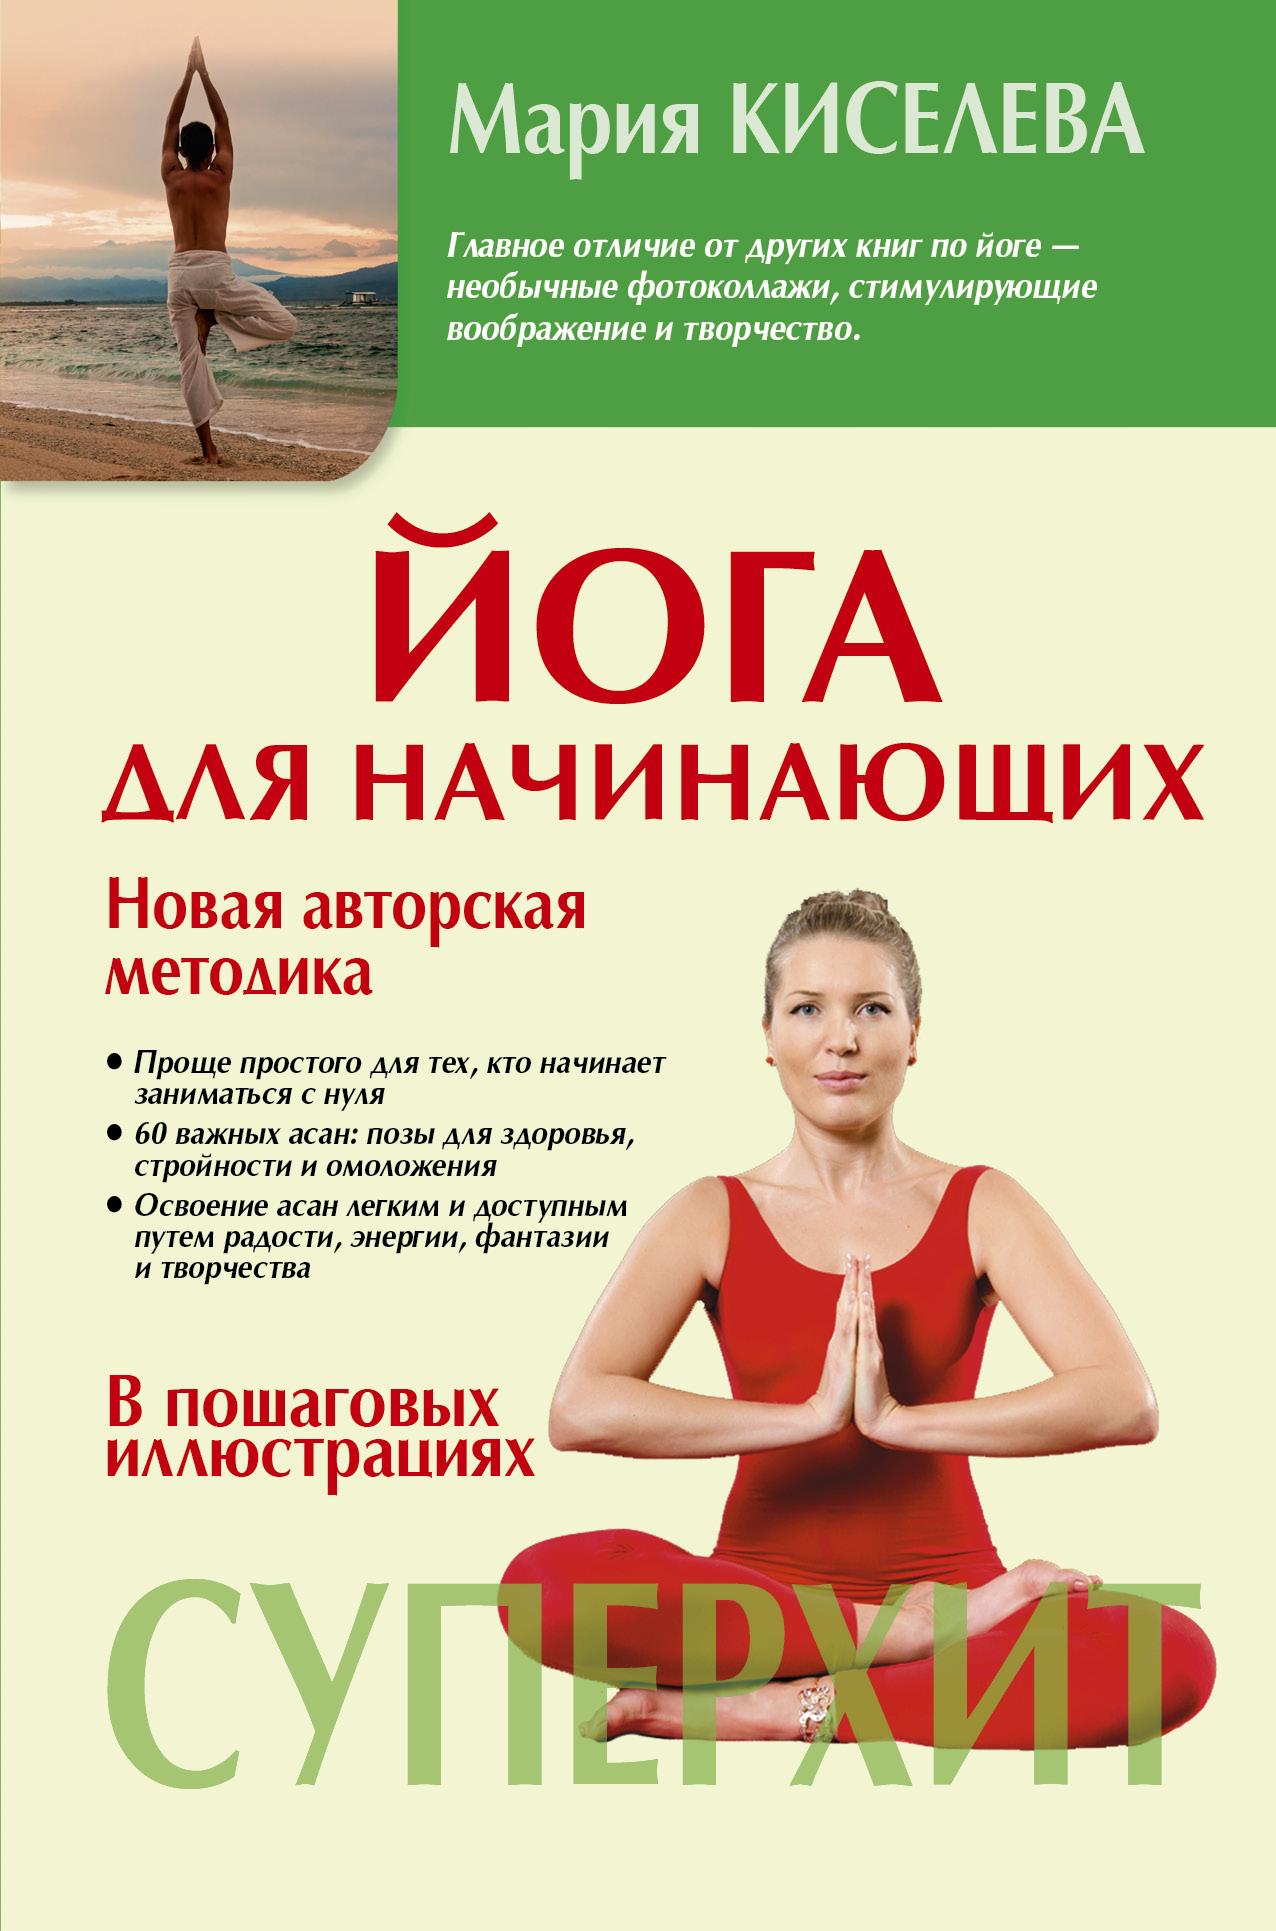 Йога для начинающих от book24.ru